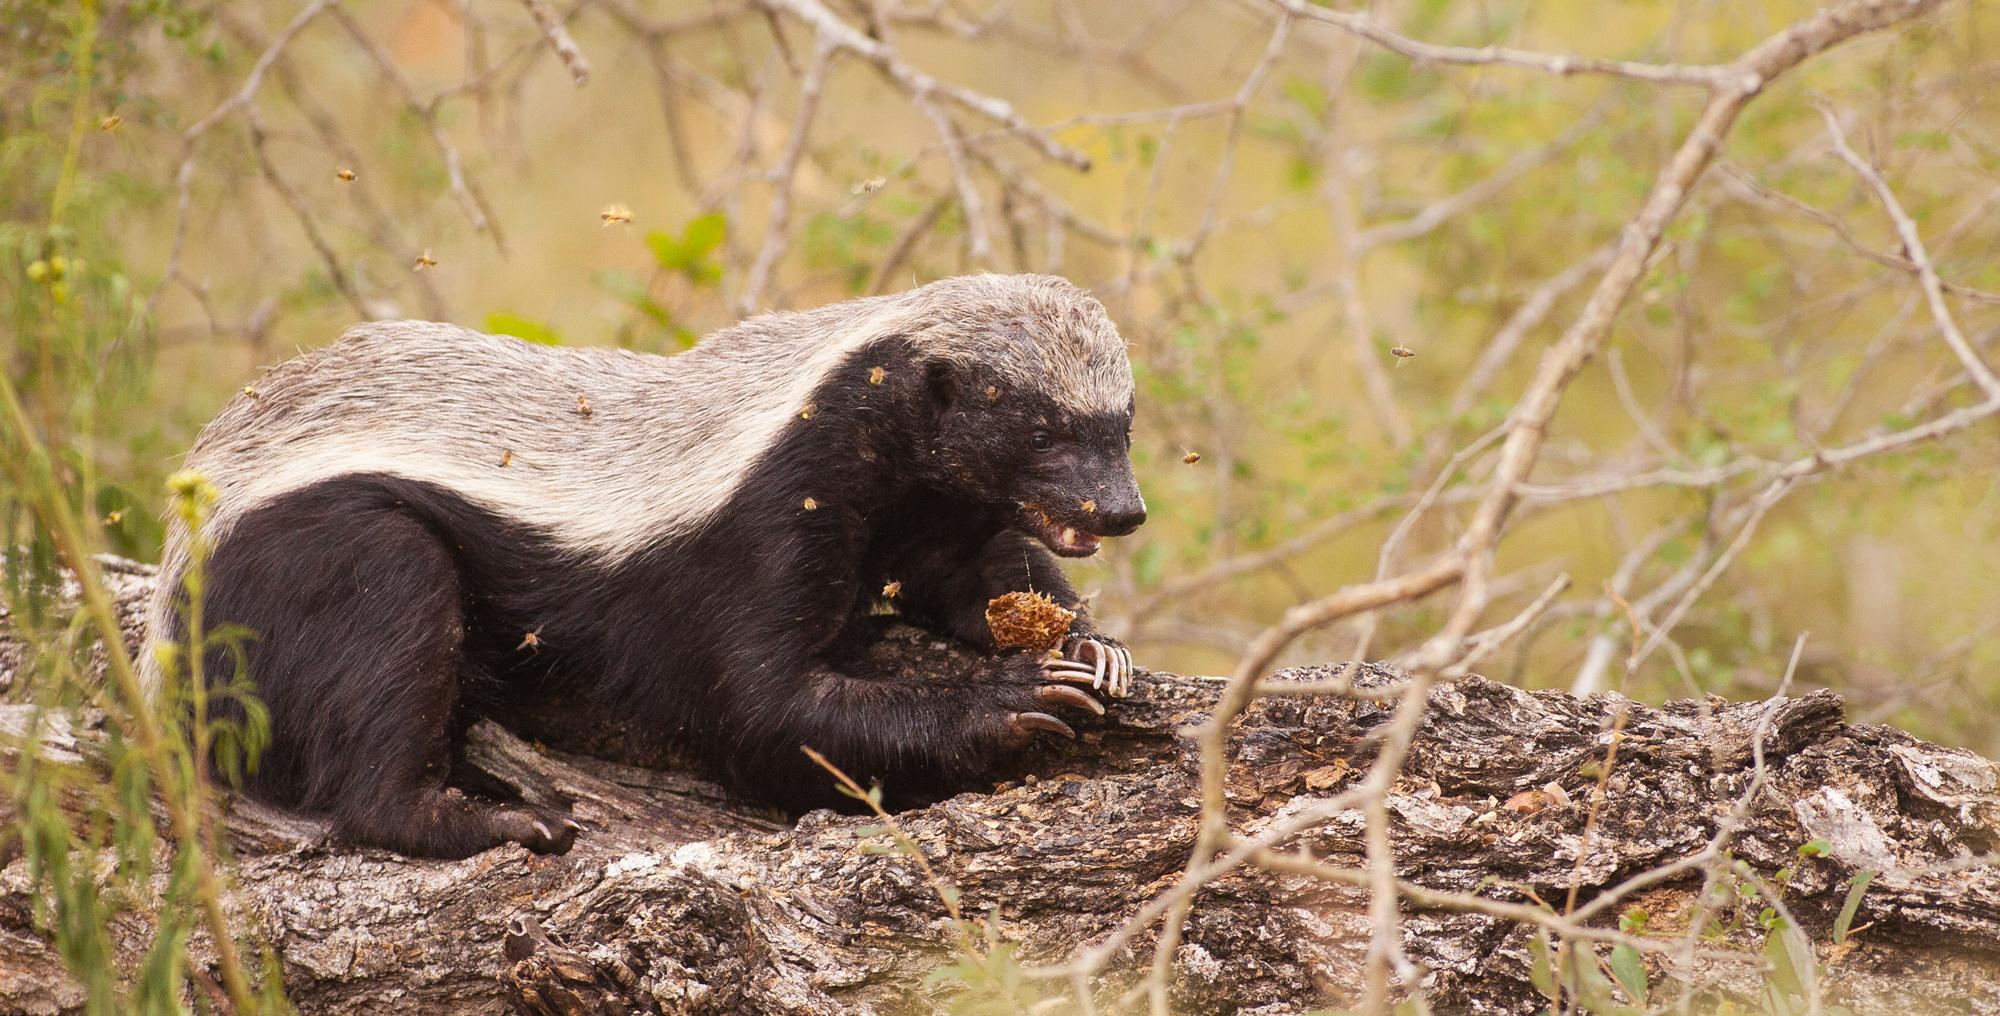 Honey badger eating honey comb